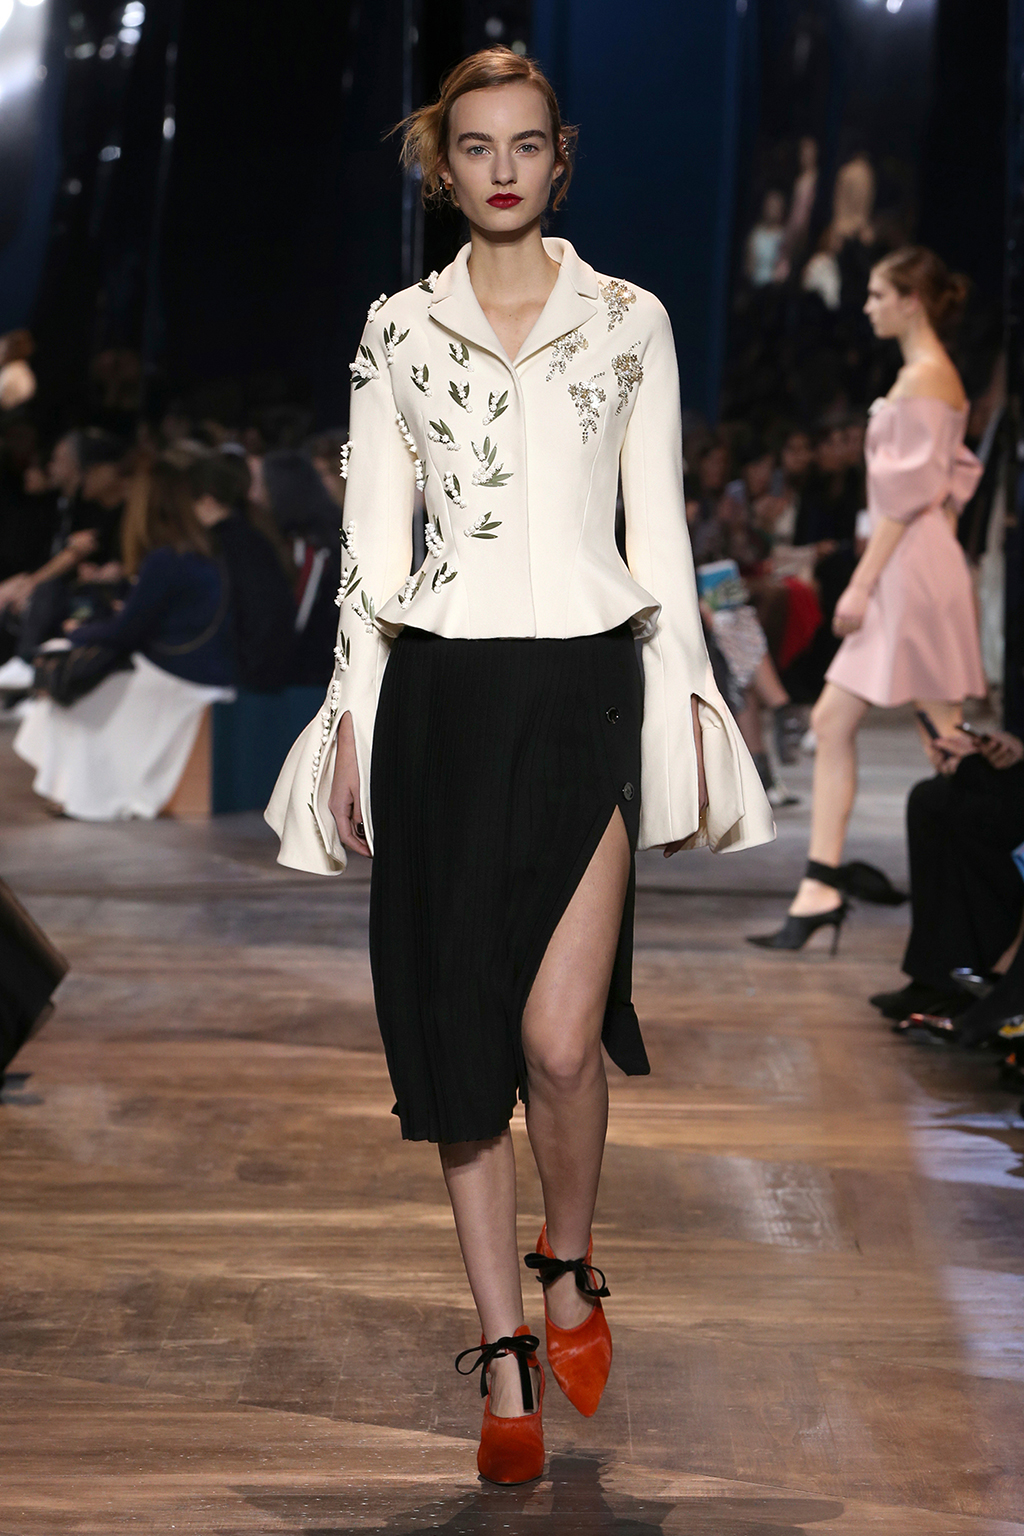 Dior-Couture-Silhouette-24